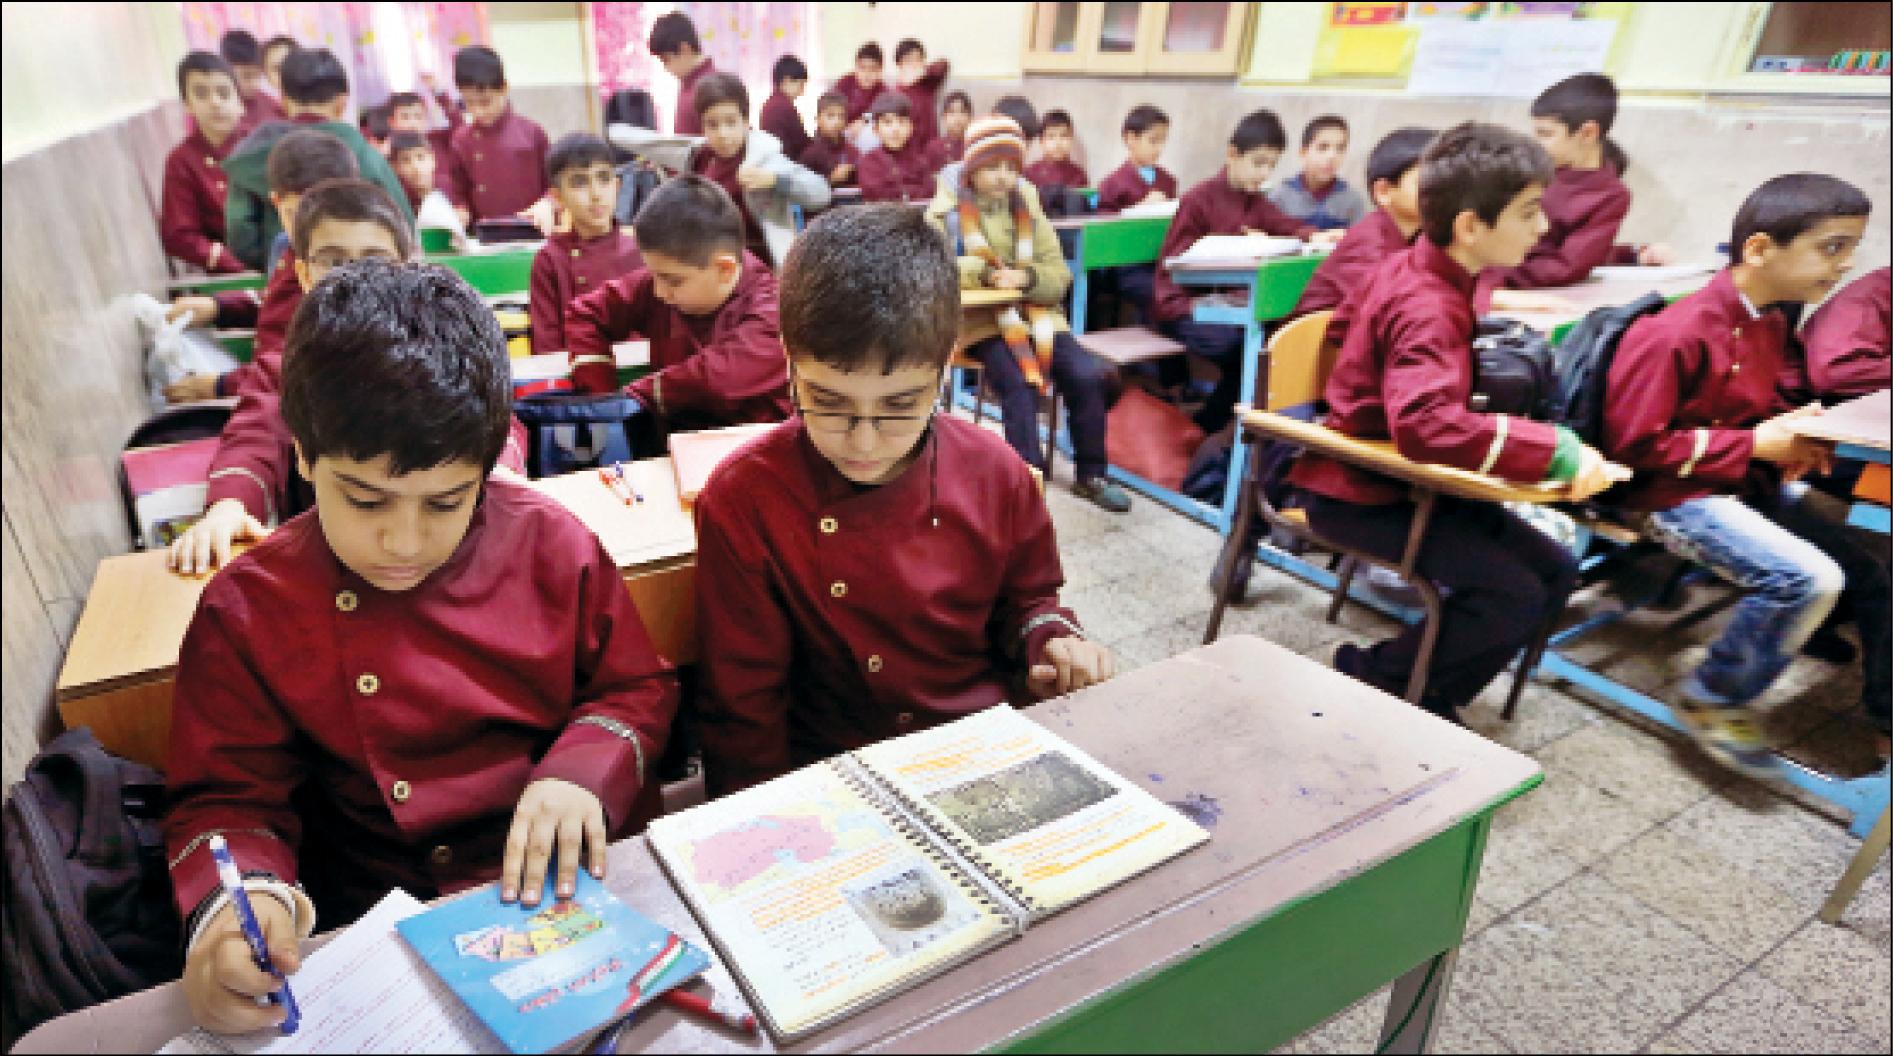 میزان شهریه مدارس شاهد برای سال تحصیلی تازه اعلام شد